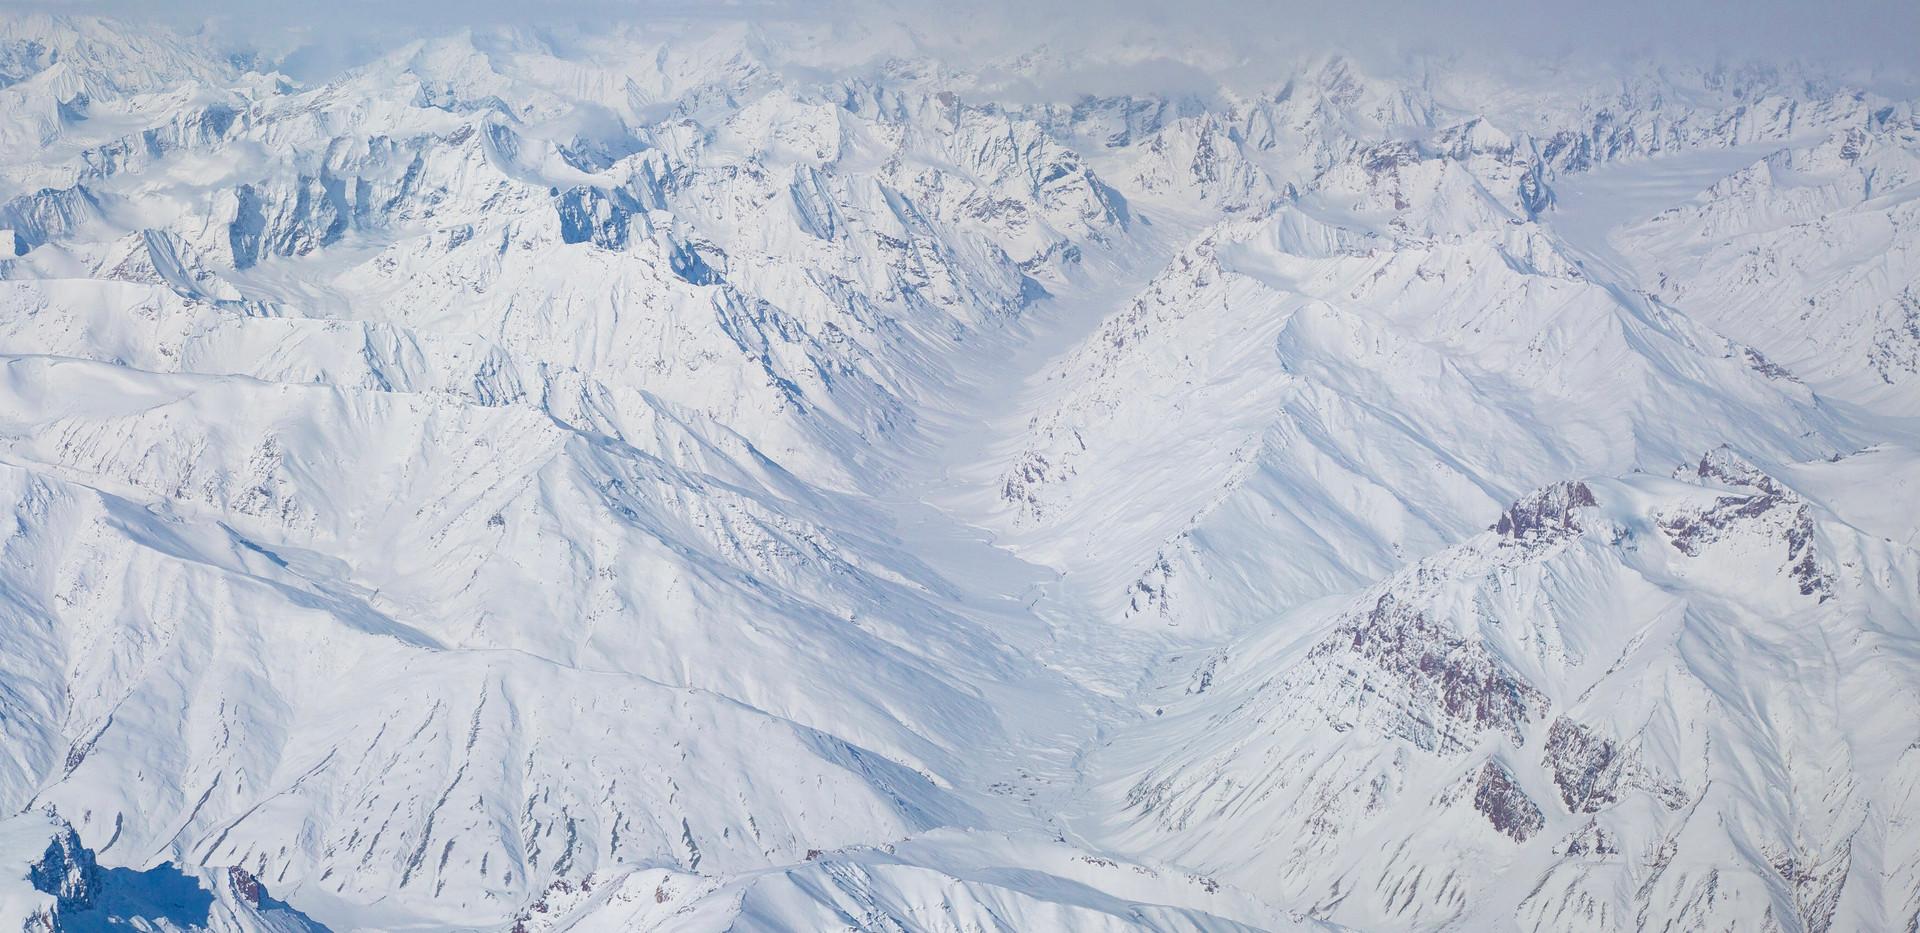 leh in winters- snowlion expeditions.jpg